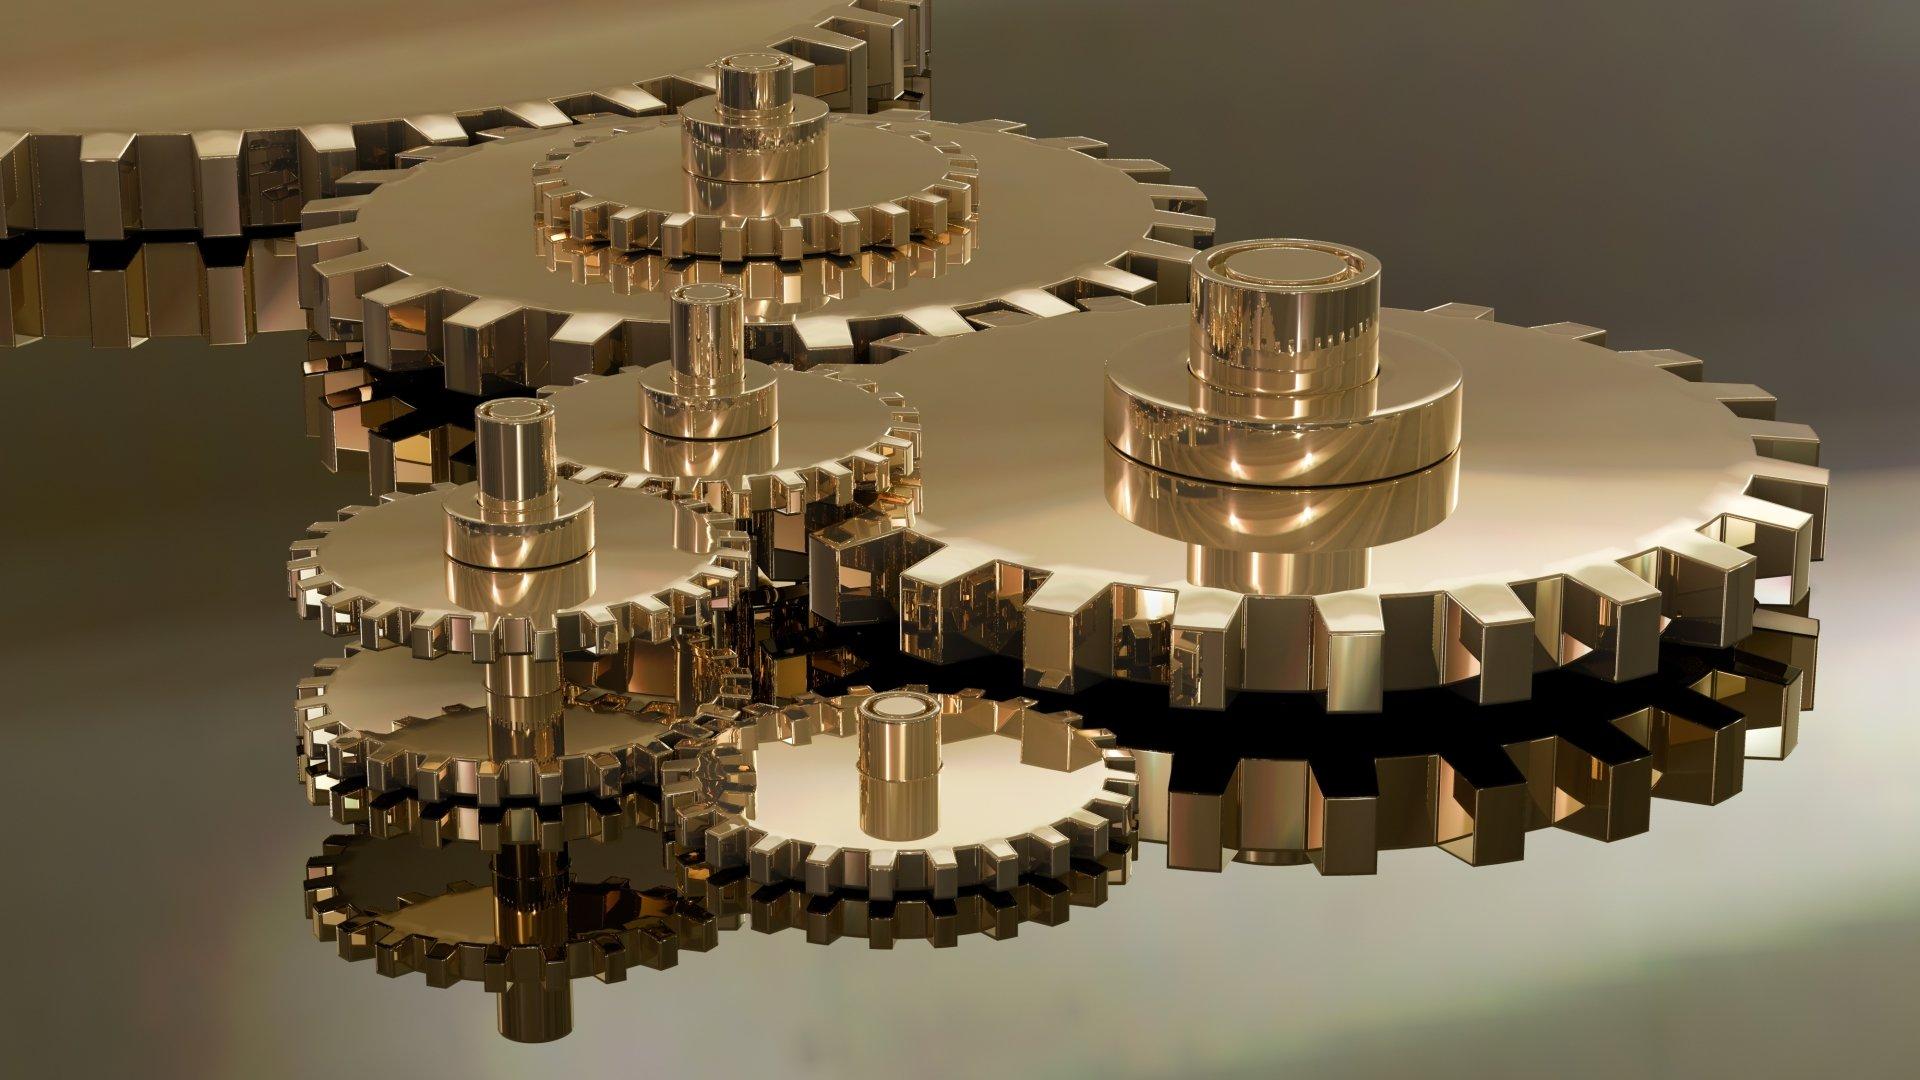 Man Made - Gear  Gears Reflection Wallpaper